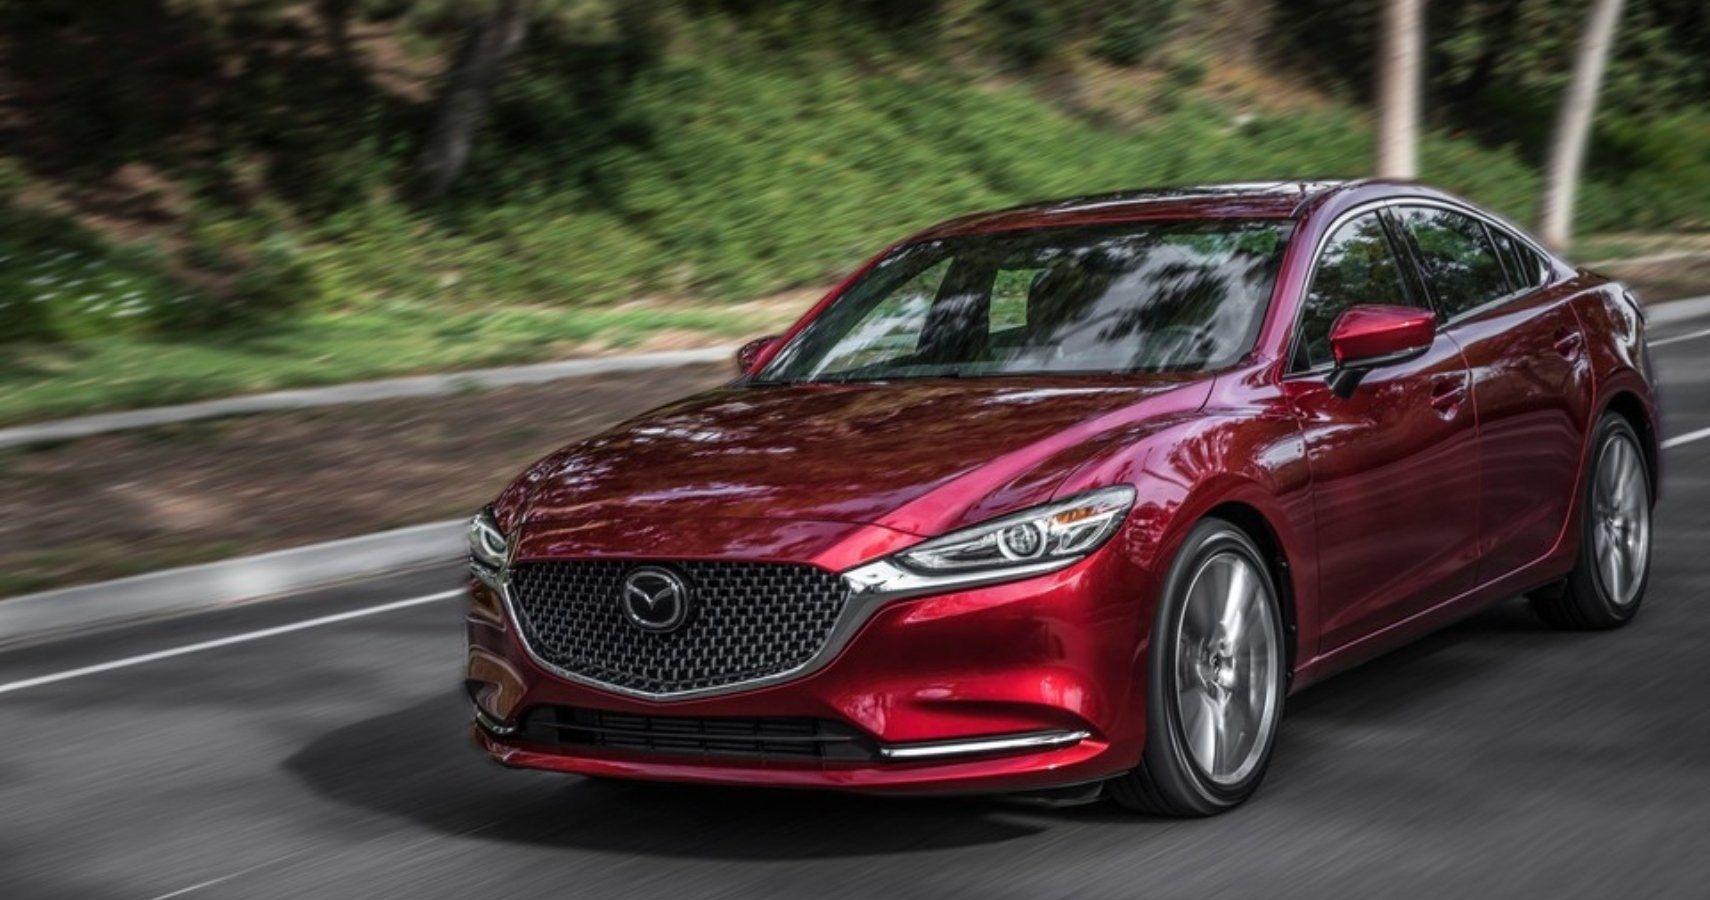 Latest News On 2020 Mazda 6 Jalopnik With Images Mazda Mazda 6